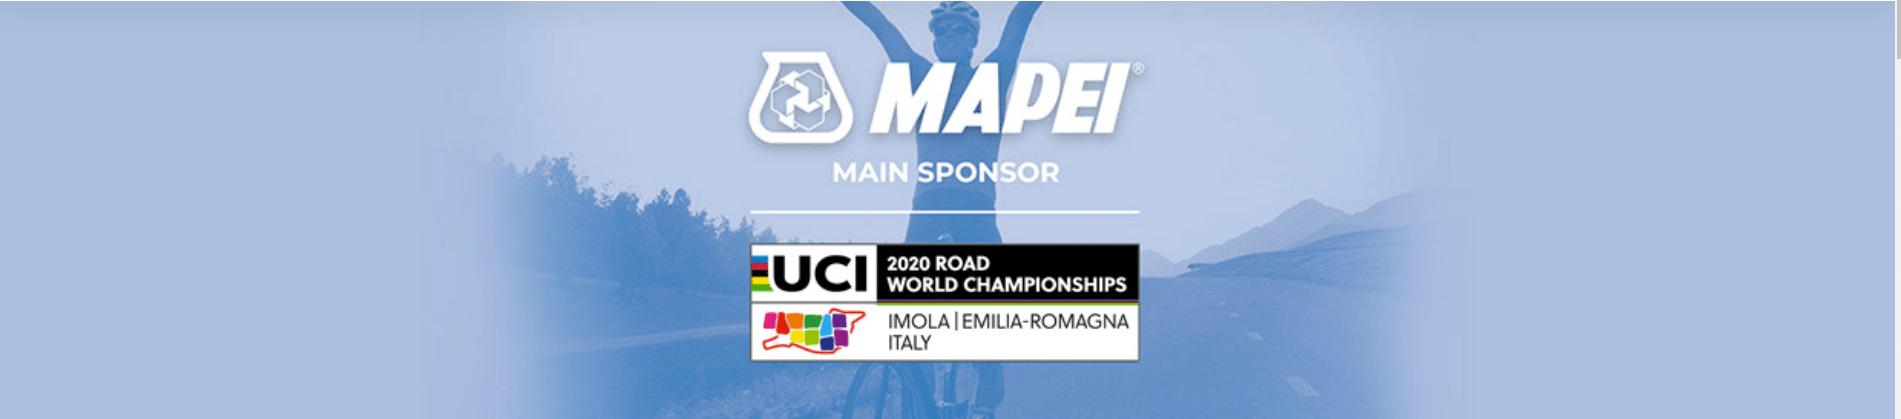 MAPEI - Главный спонсор Чемпионата мира по шоссейным гонкам-2020